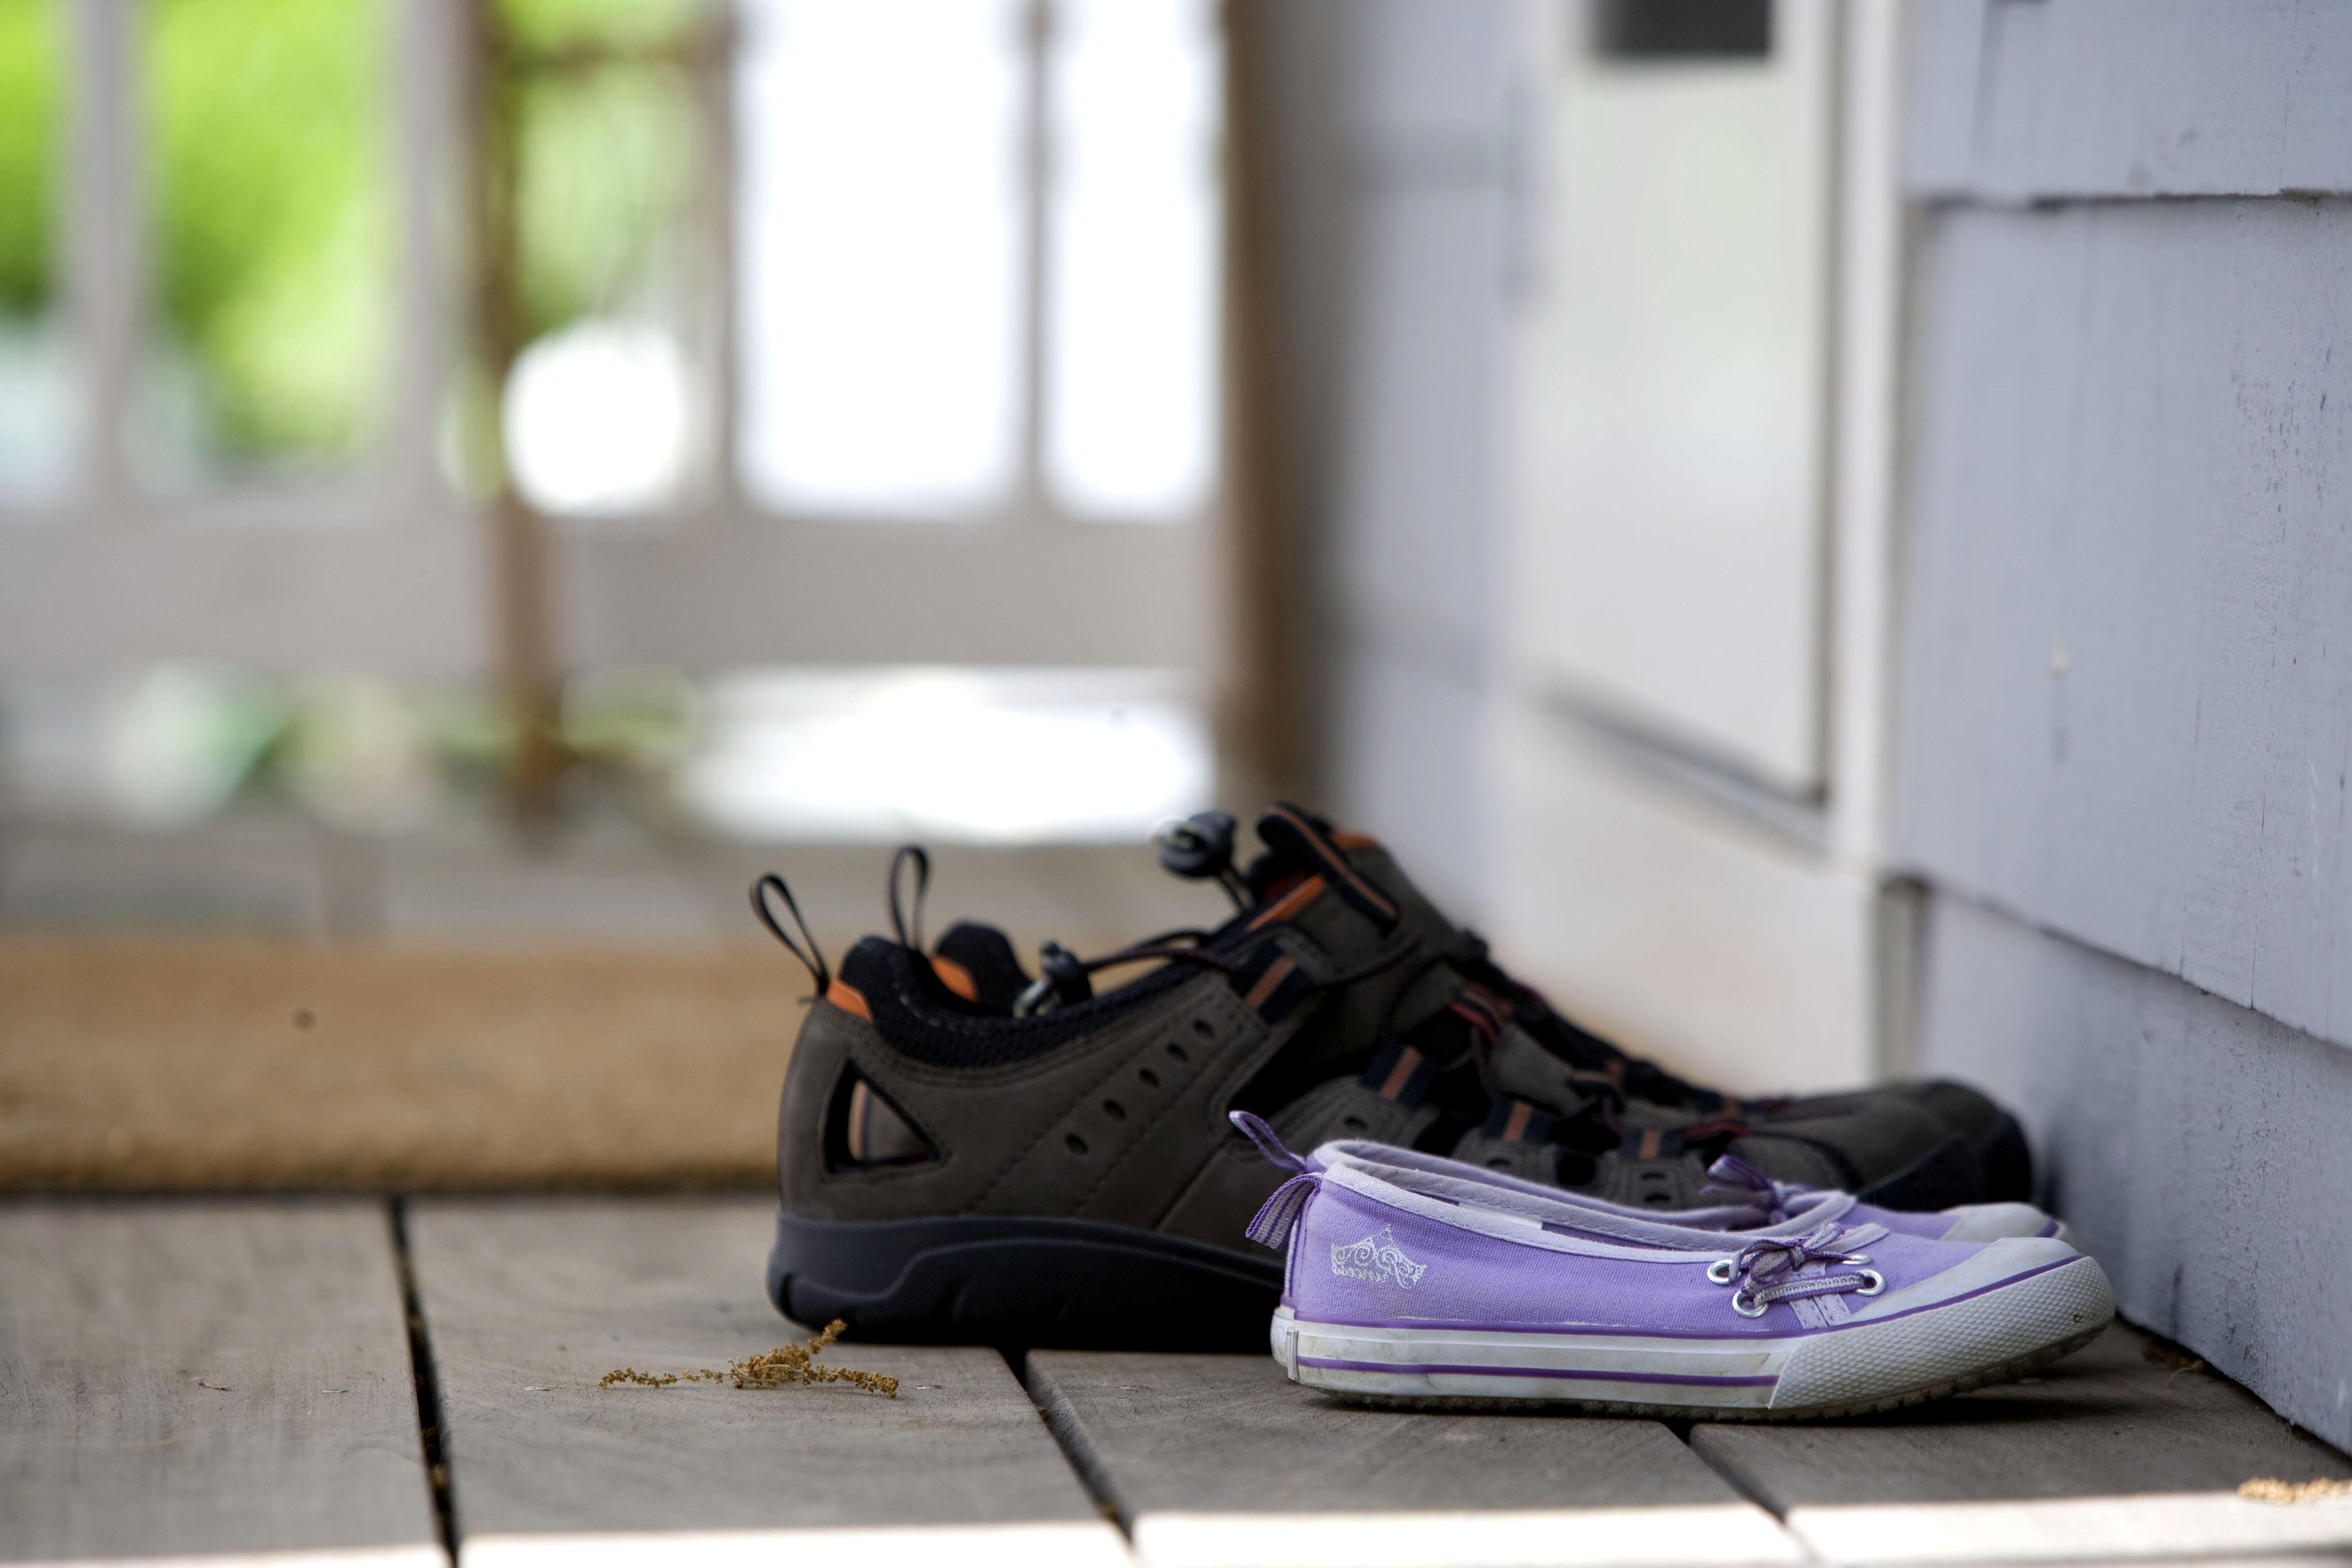 Kostenlose Bild: lila, braun, Sport, Schuhe, Haustür, Haus